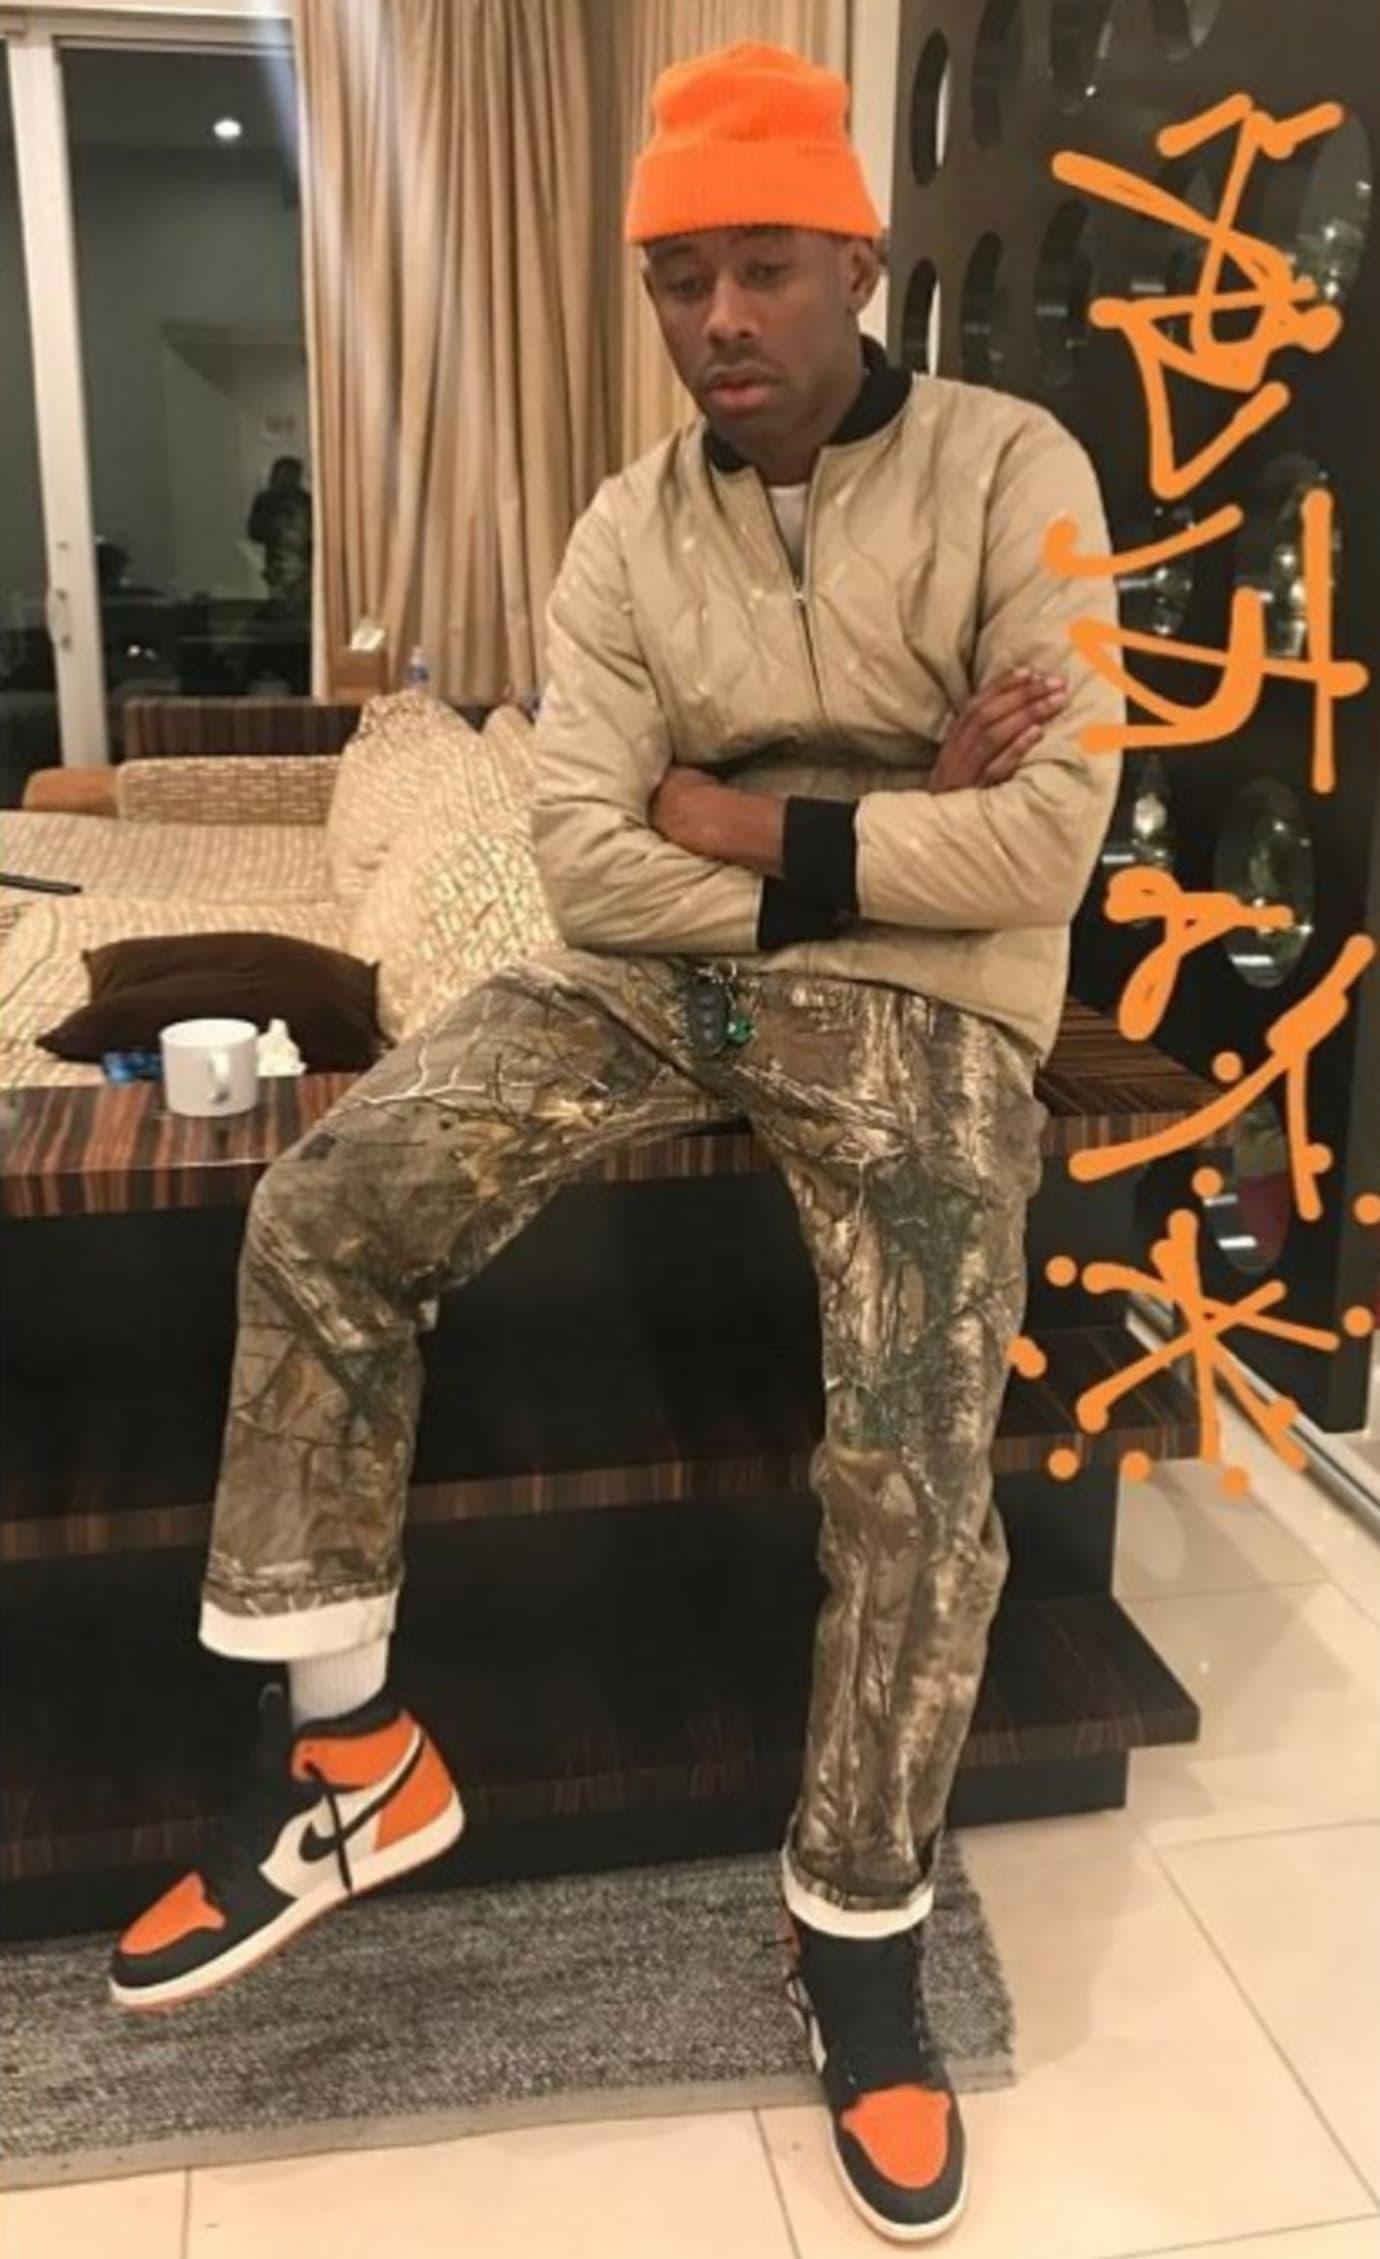 jordan 1 with adidas pants